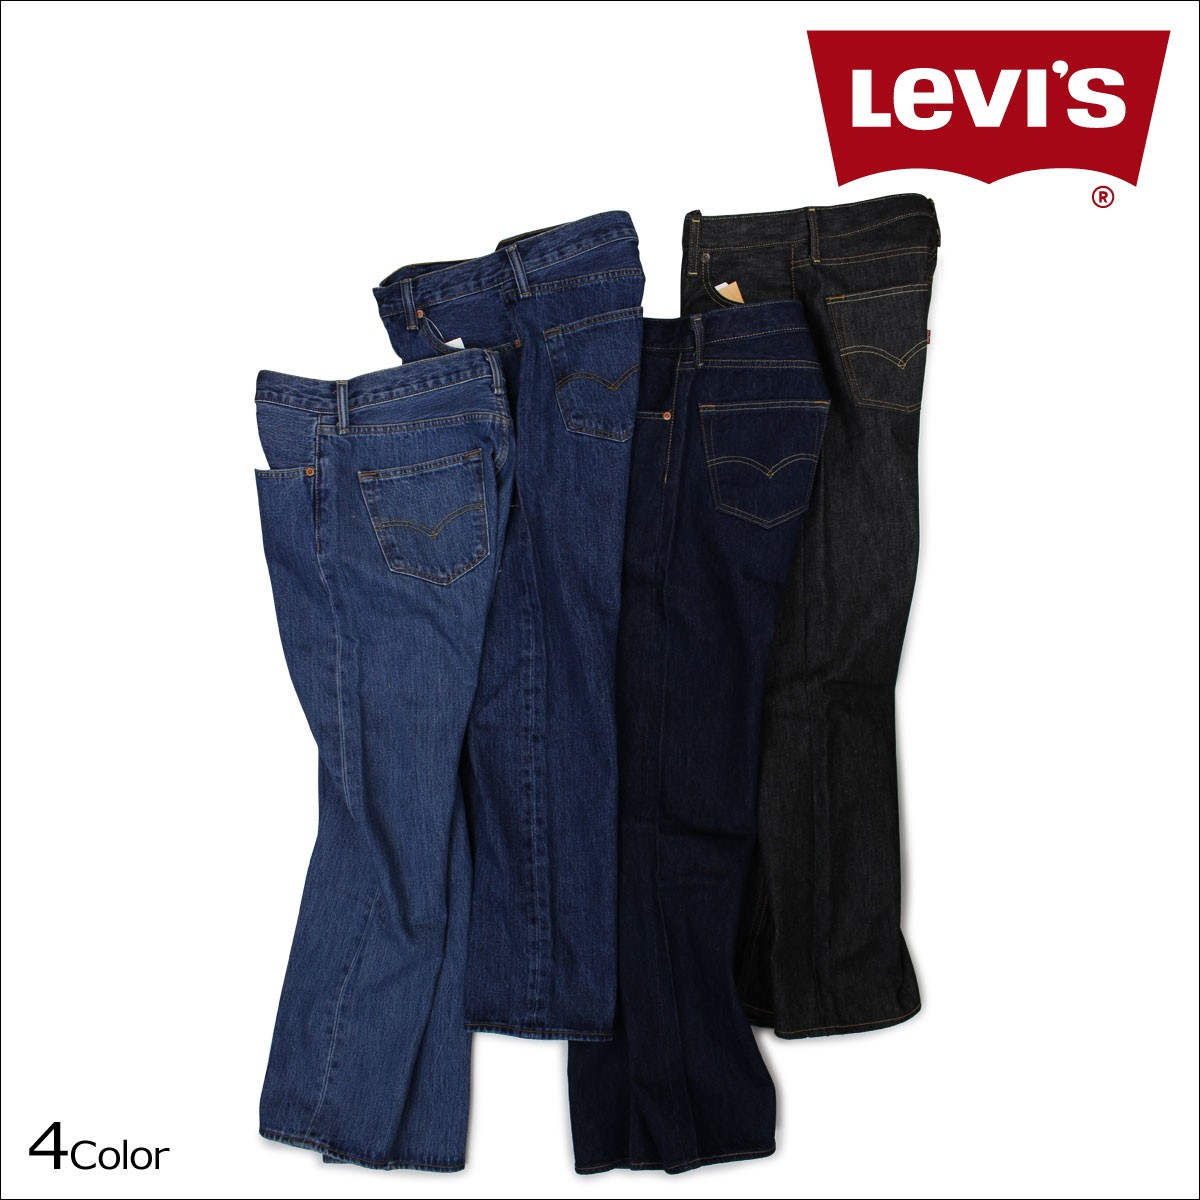 リーバイス 501 LEVI'S ストレート メンズ デニム パンツ ORIGINAL FIT